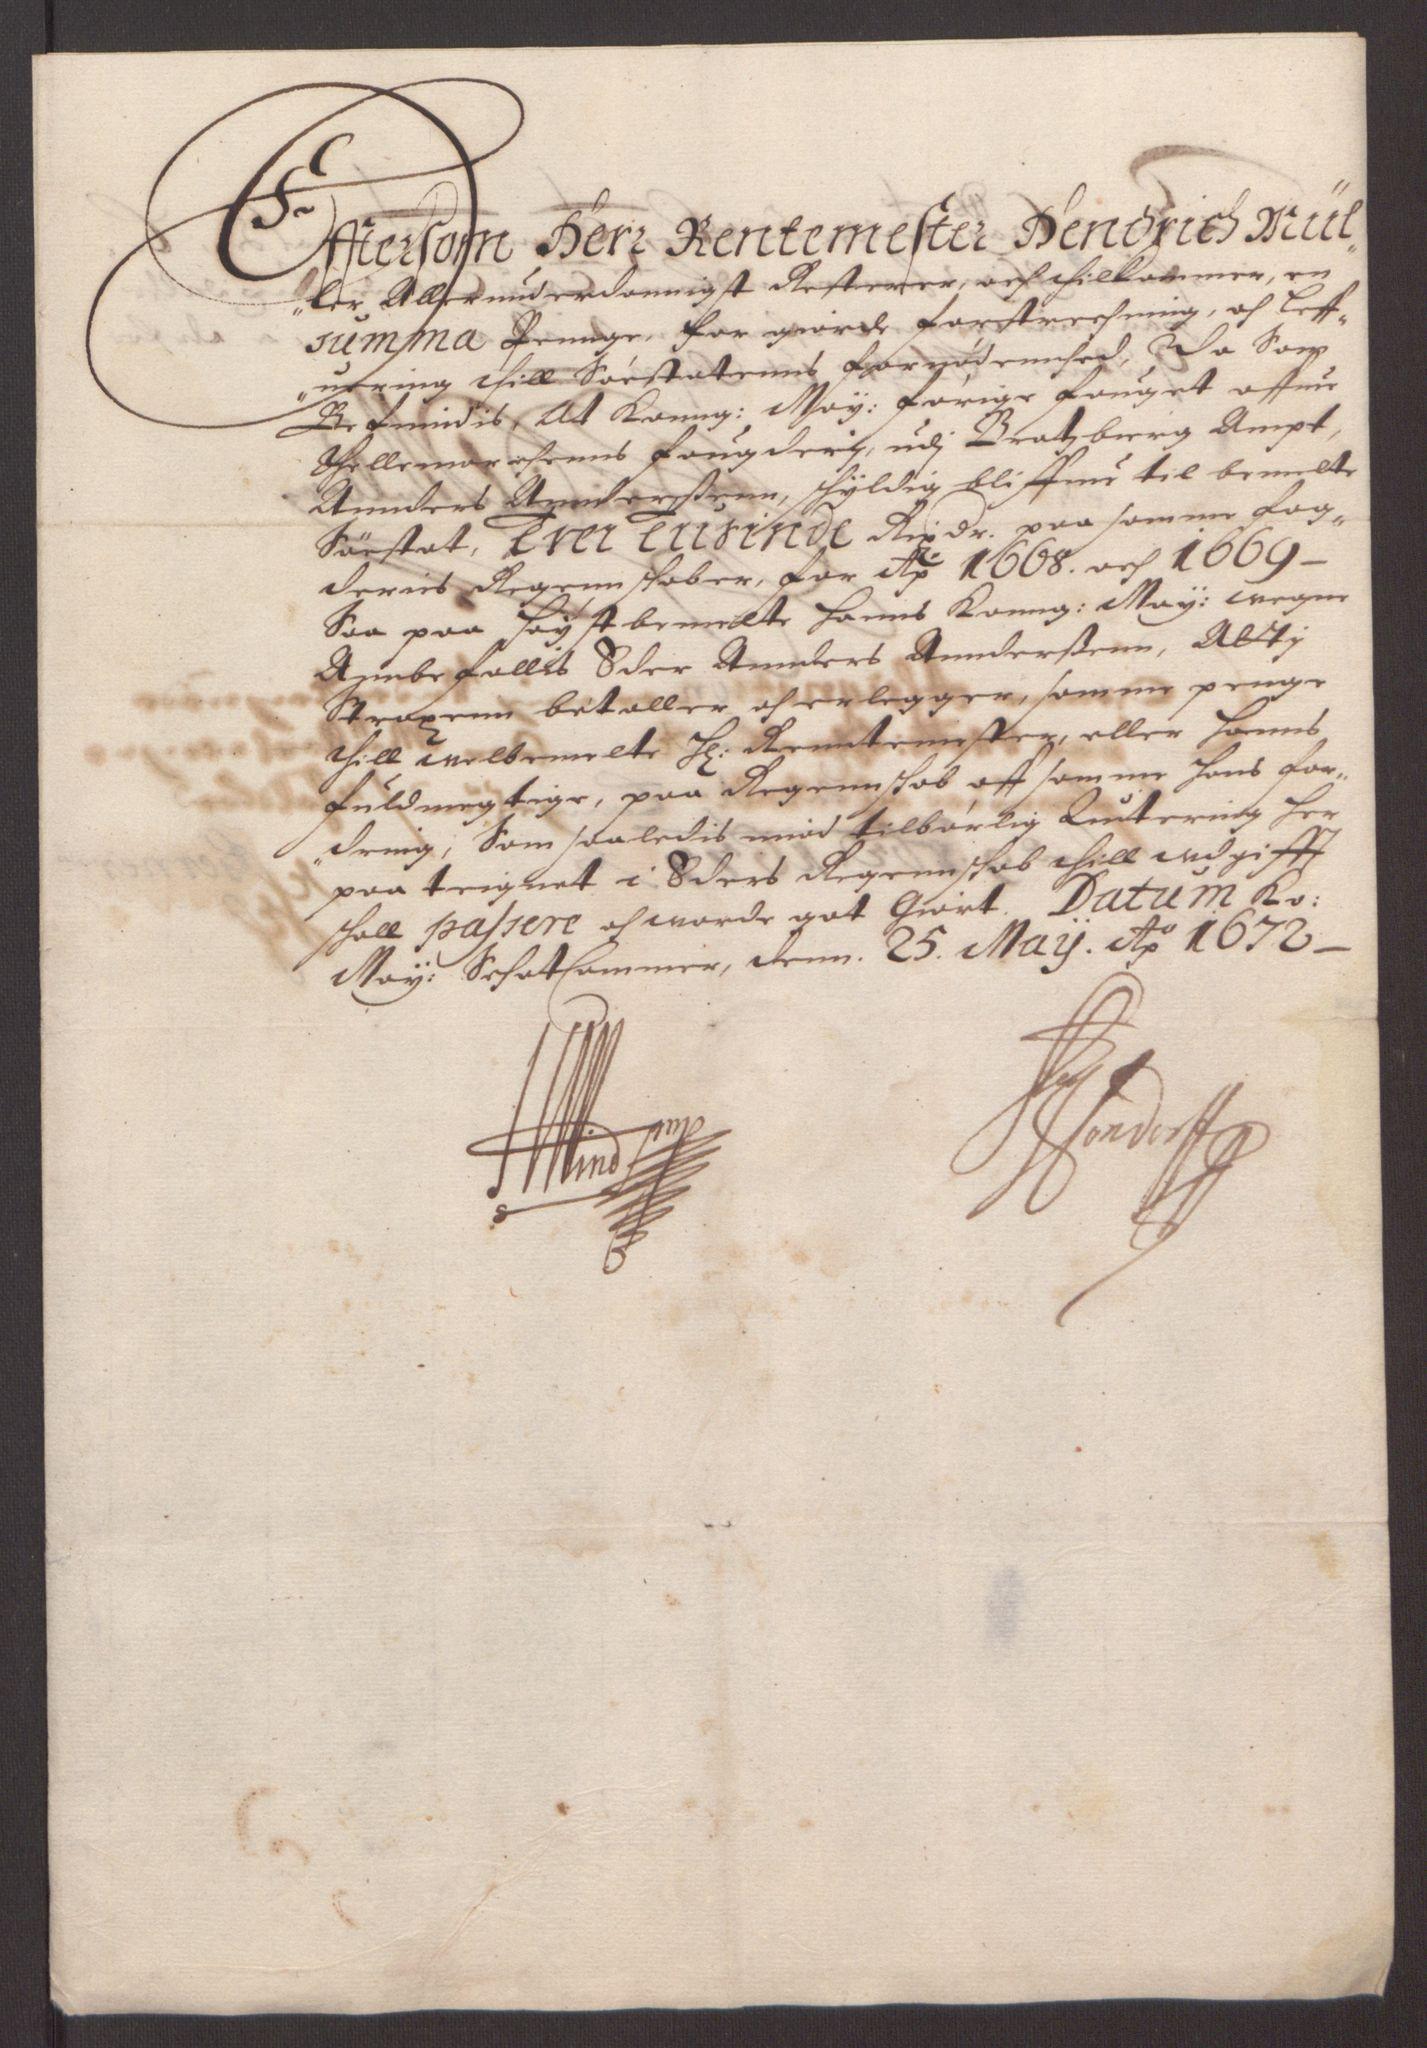 RA, Rentekammeret inntil 1814, Reviderte regnskaper, Fogderegnskap, R35/L2059: Fogderegnskap Øvre og Nedre Telemark, 1668-1670, s. 50